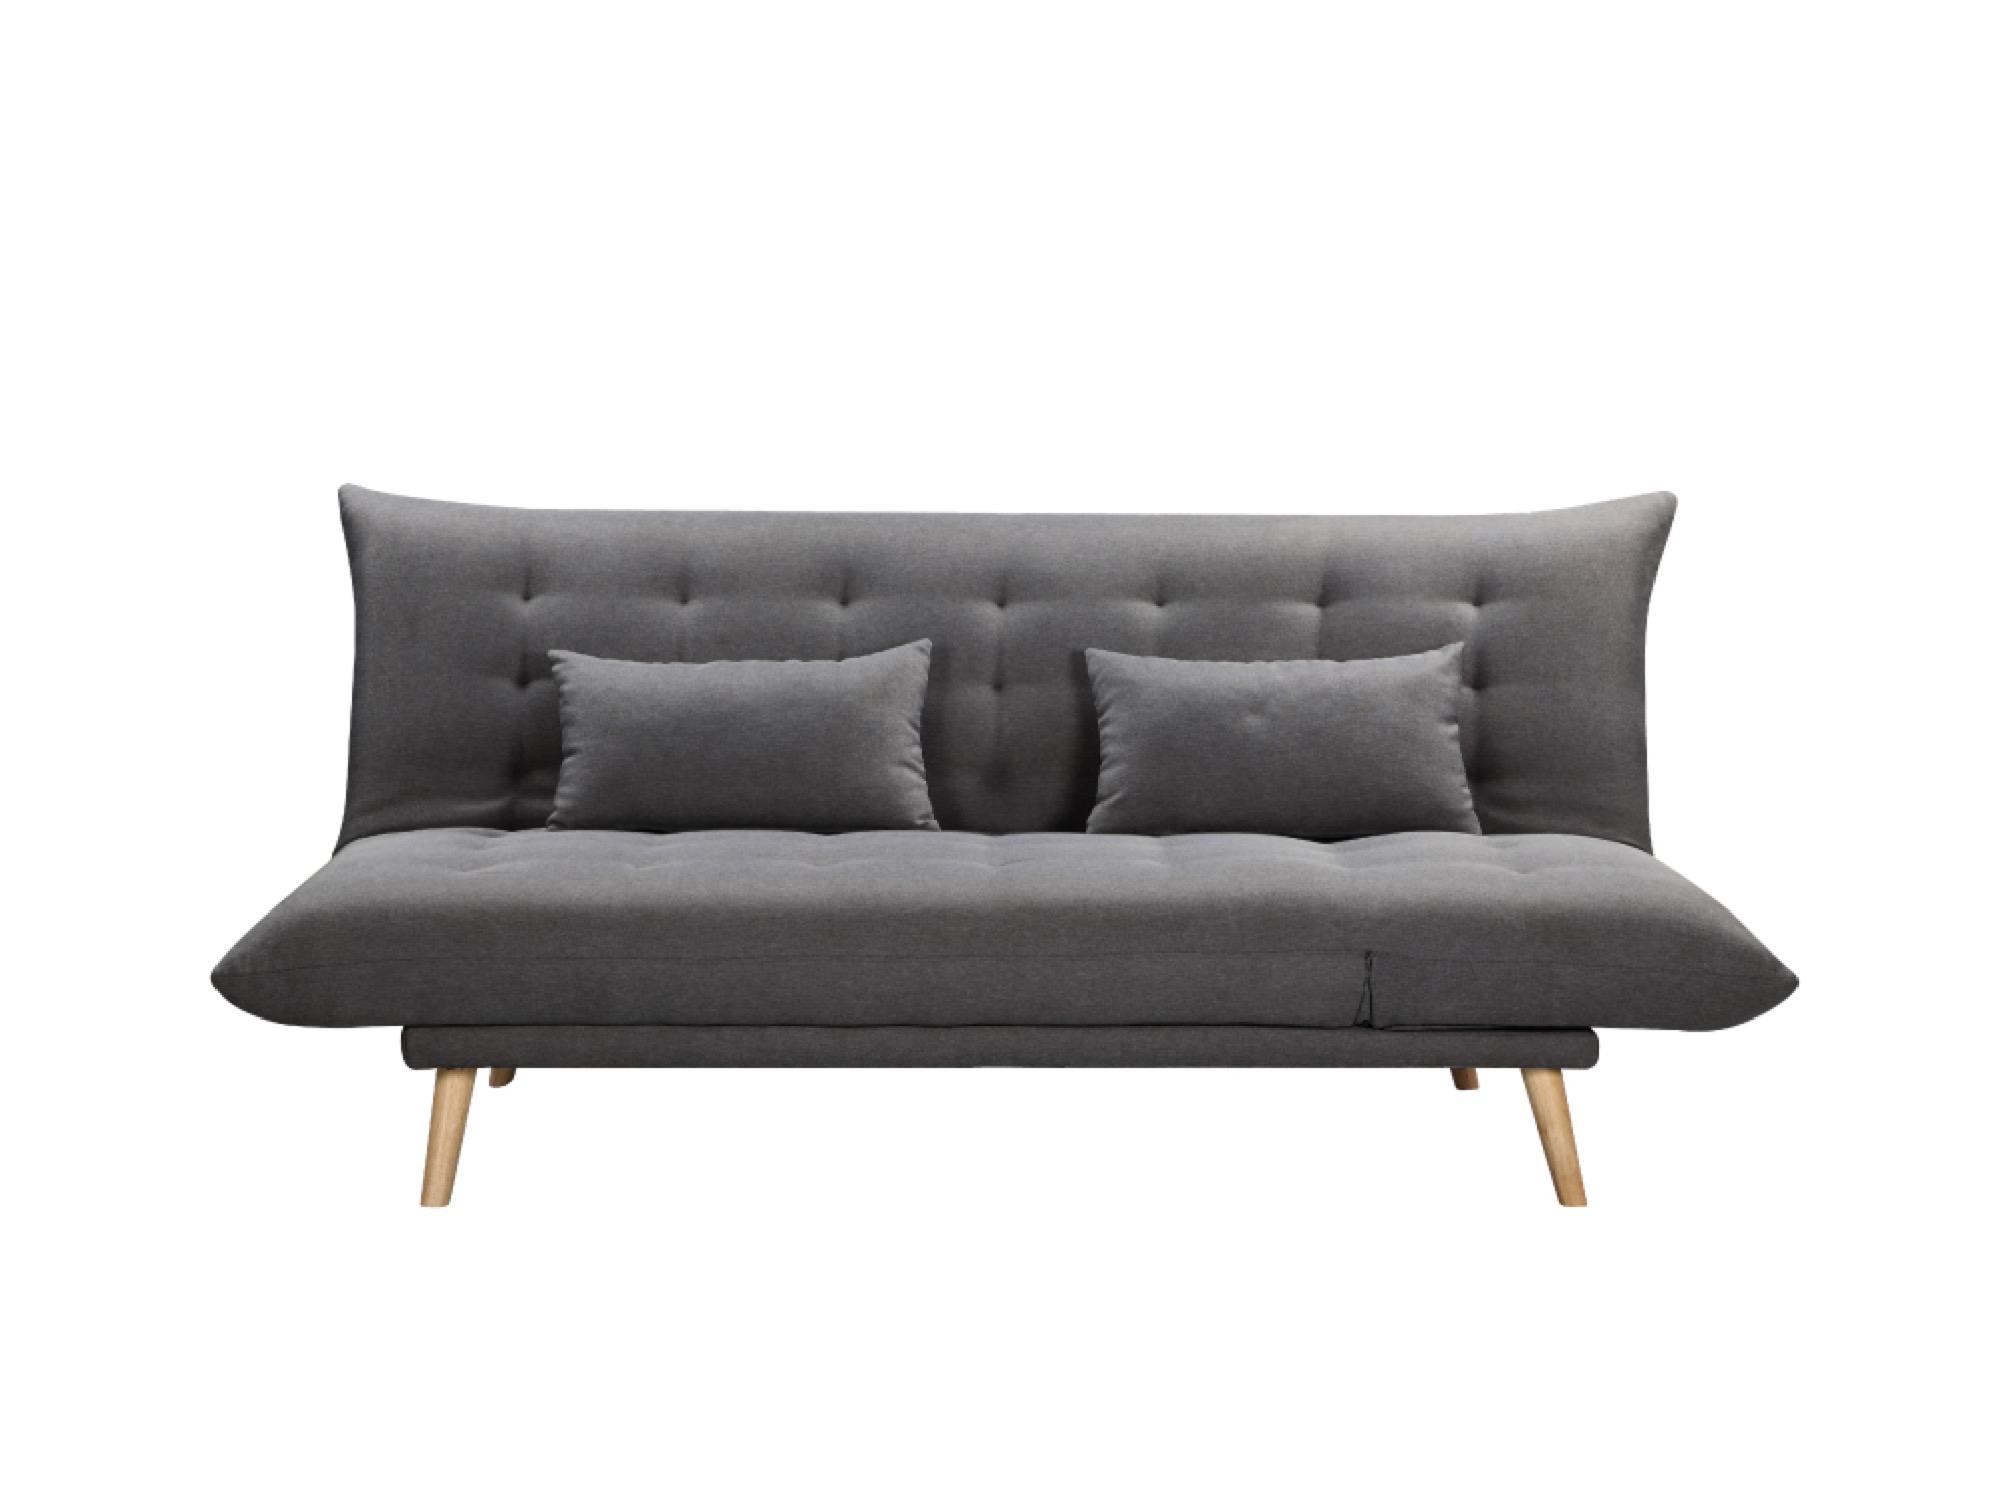 Canapé droit gris foncé convertible en tissu